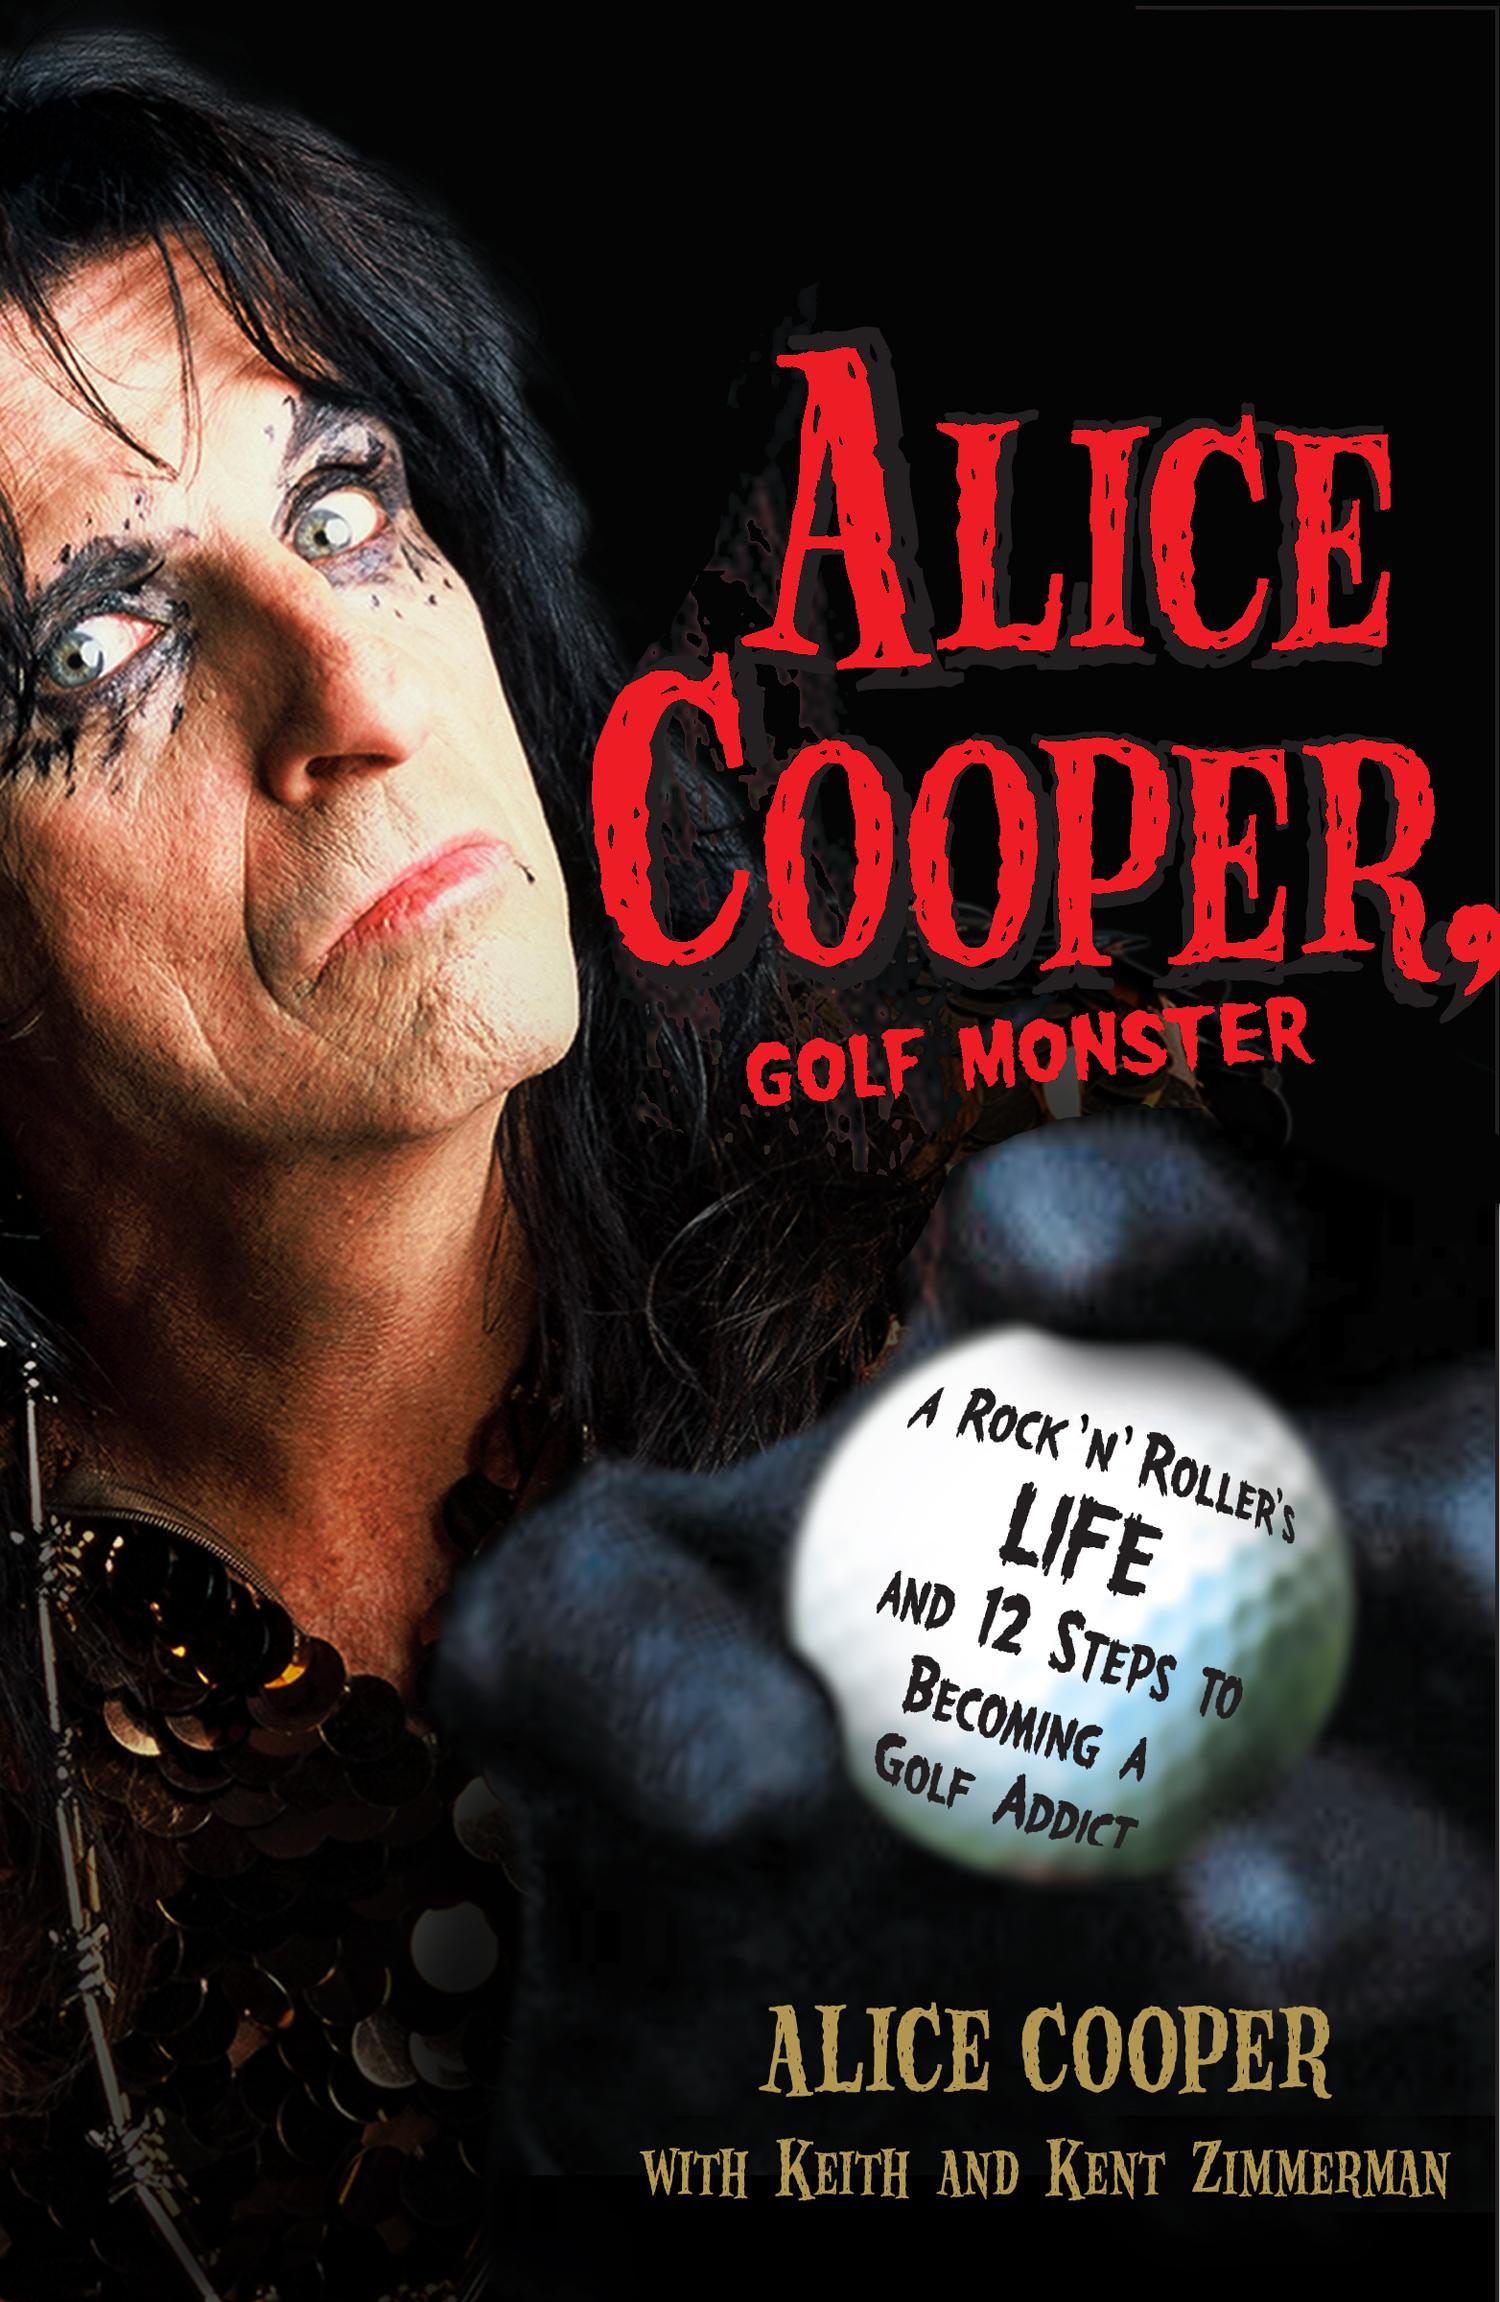 ALICE-COOPER-GOLF-MONSTER-tpb-ss6.jpg